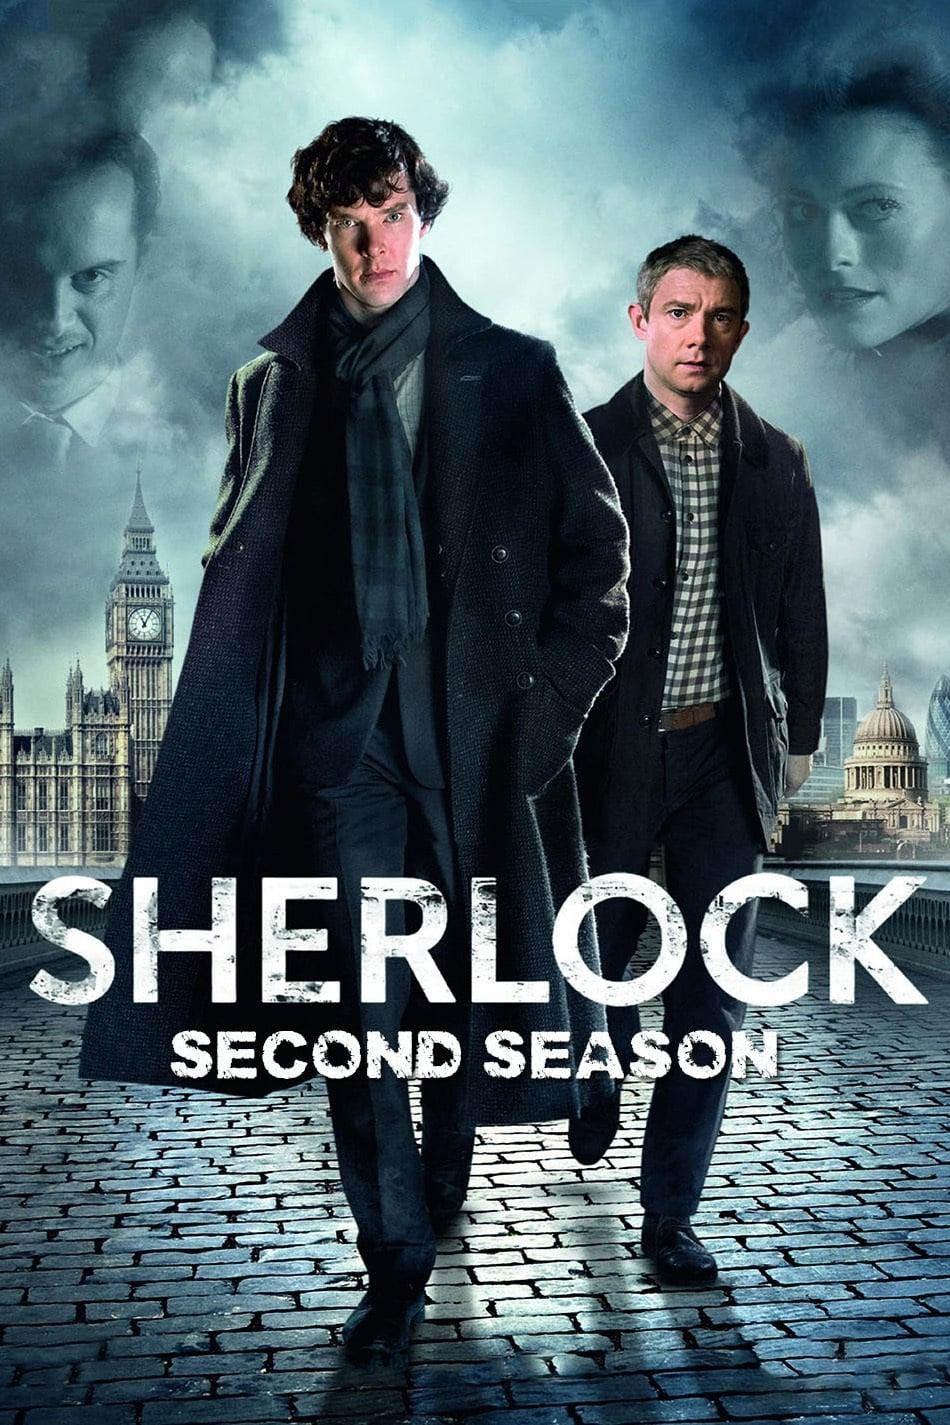 Sherlock Season 2